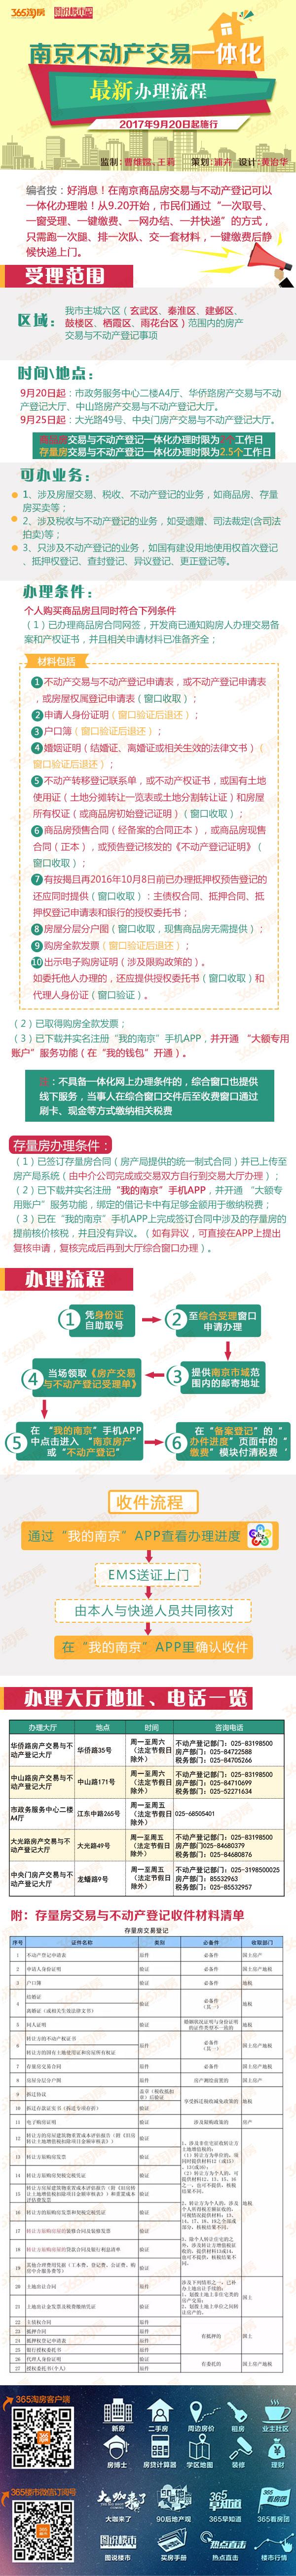 南京不动产交易新规